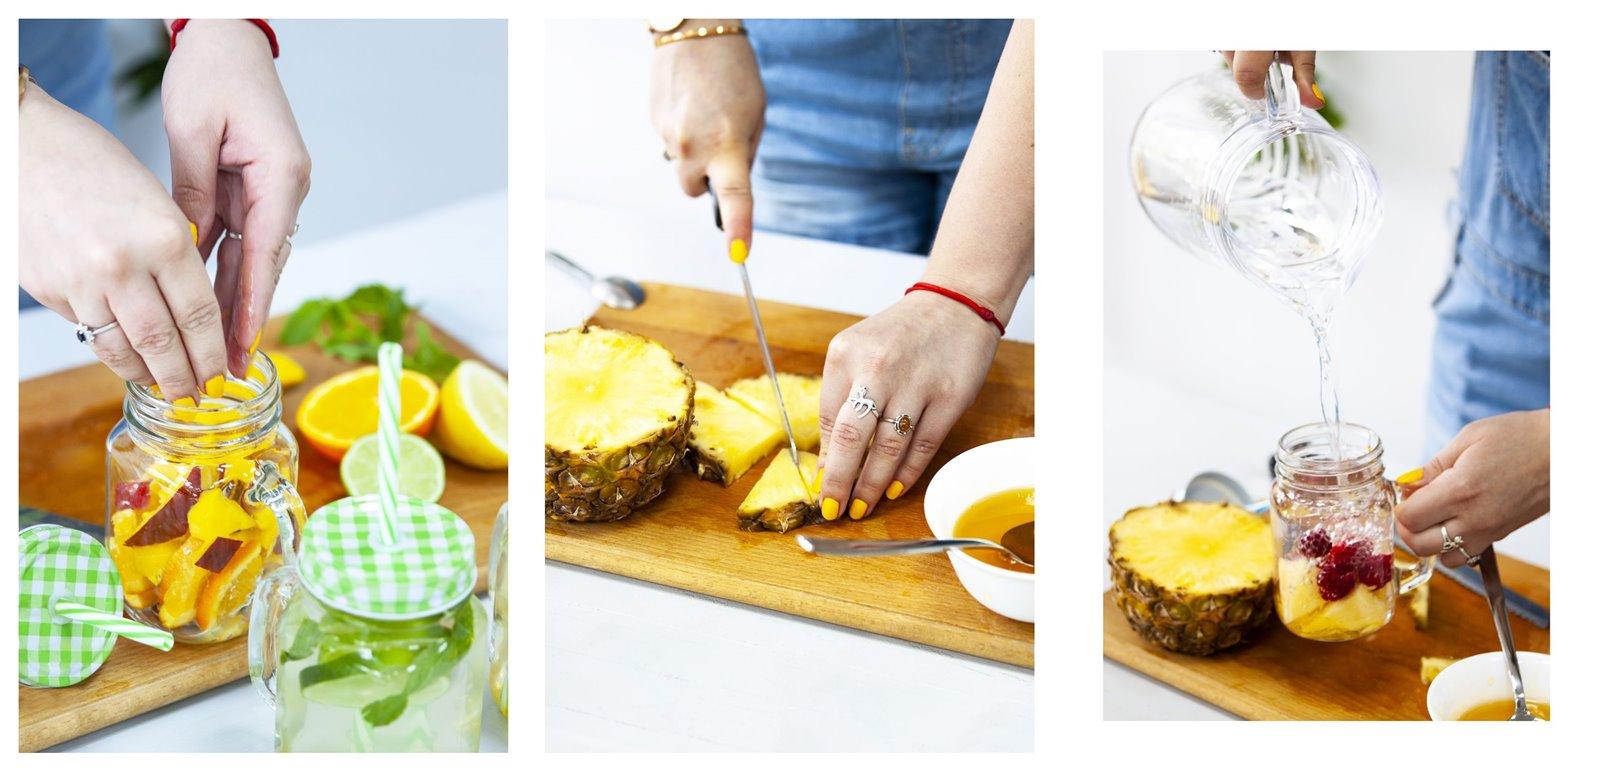 3 przepis na lemoniady jak zrobić lemoniadę jakie owoce można dać do lemoniady sposoby na upały nawadniające napoje jak się nawodnić promocja słoik z uchem browin słoik ze słomką lemoniada owoce lato wakacje youtube